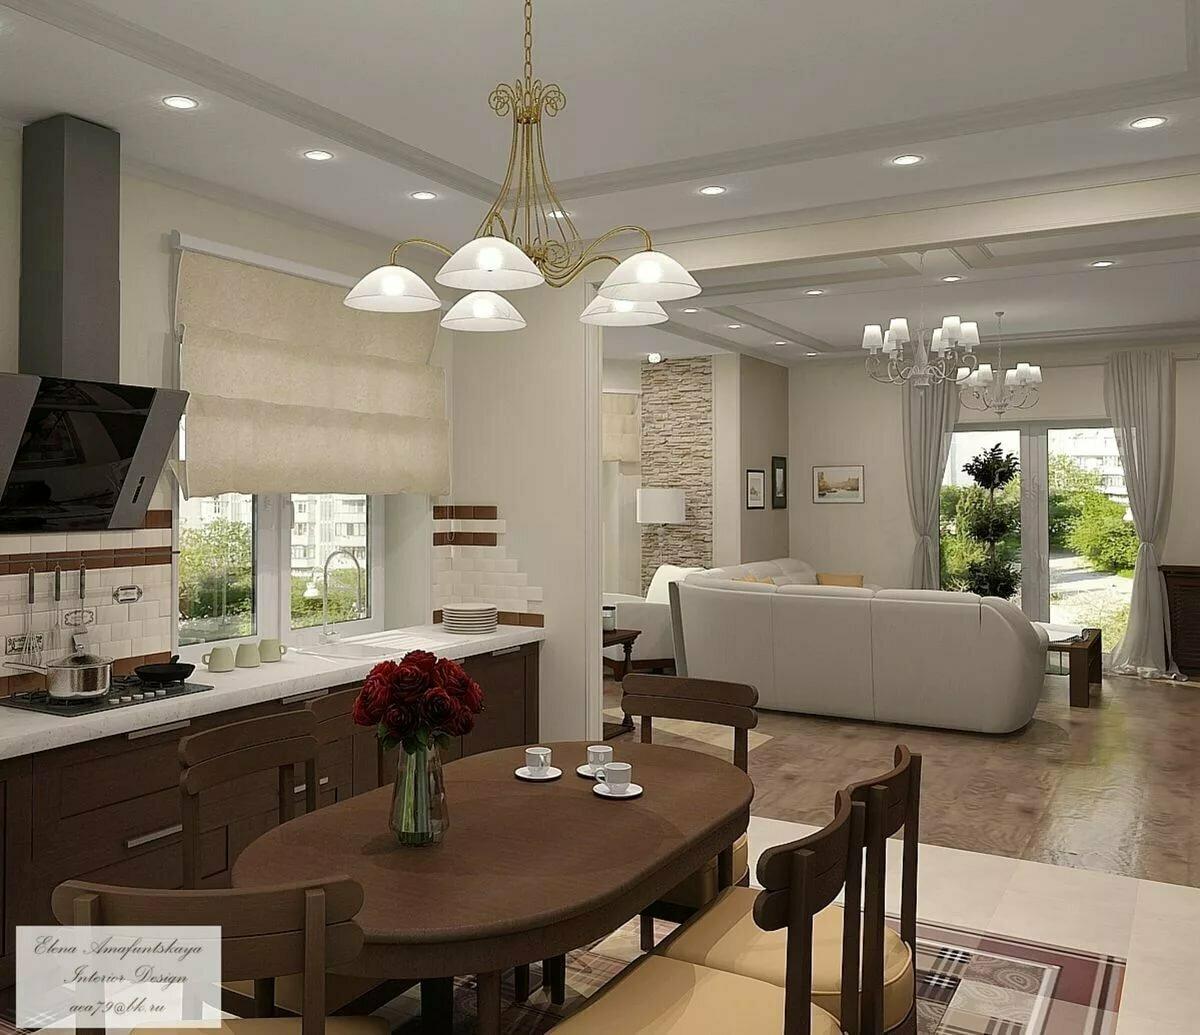 буду скромничать частный дом кухня совмещенная с гостиной фото праздник